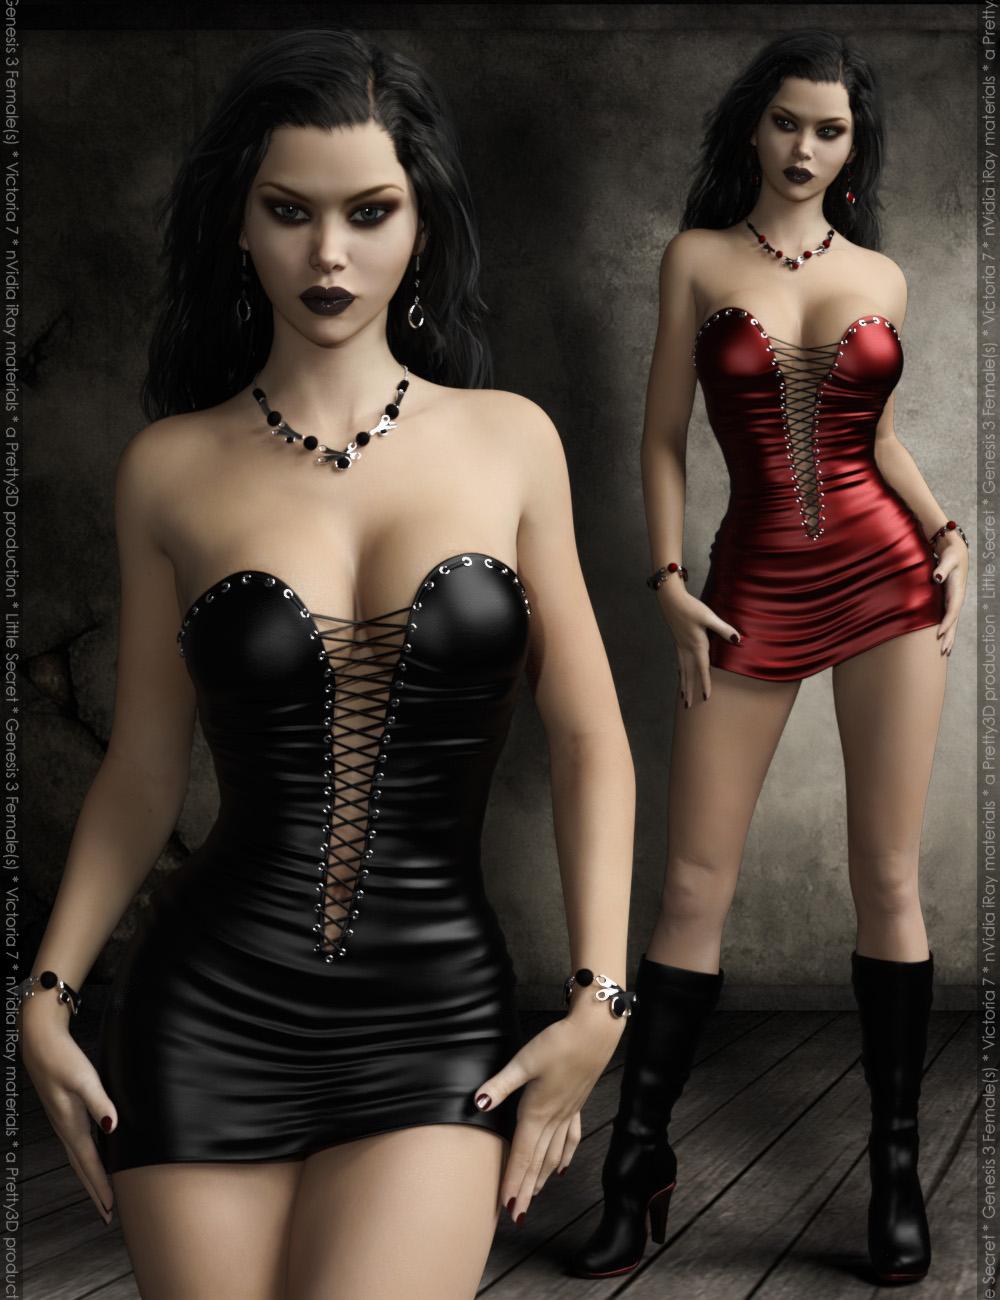 Little Secret for Genesis 3 Female(s) by: Pretty3D, 3D Models by Daz 3D